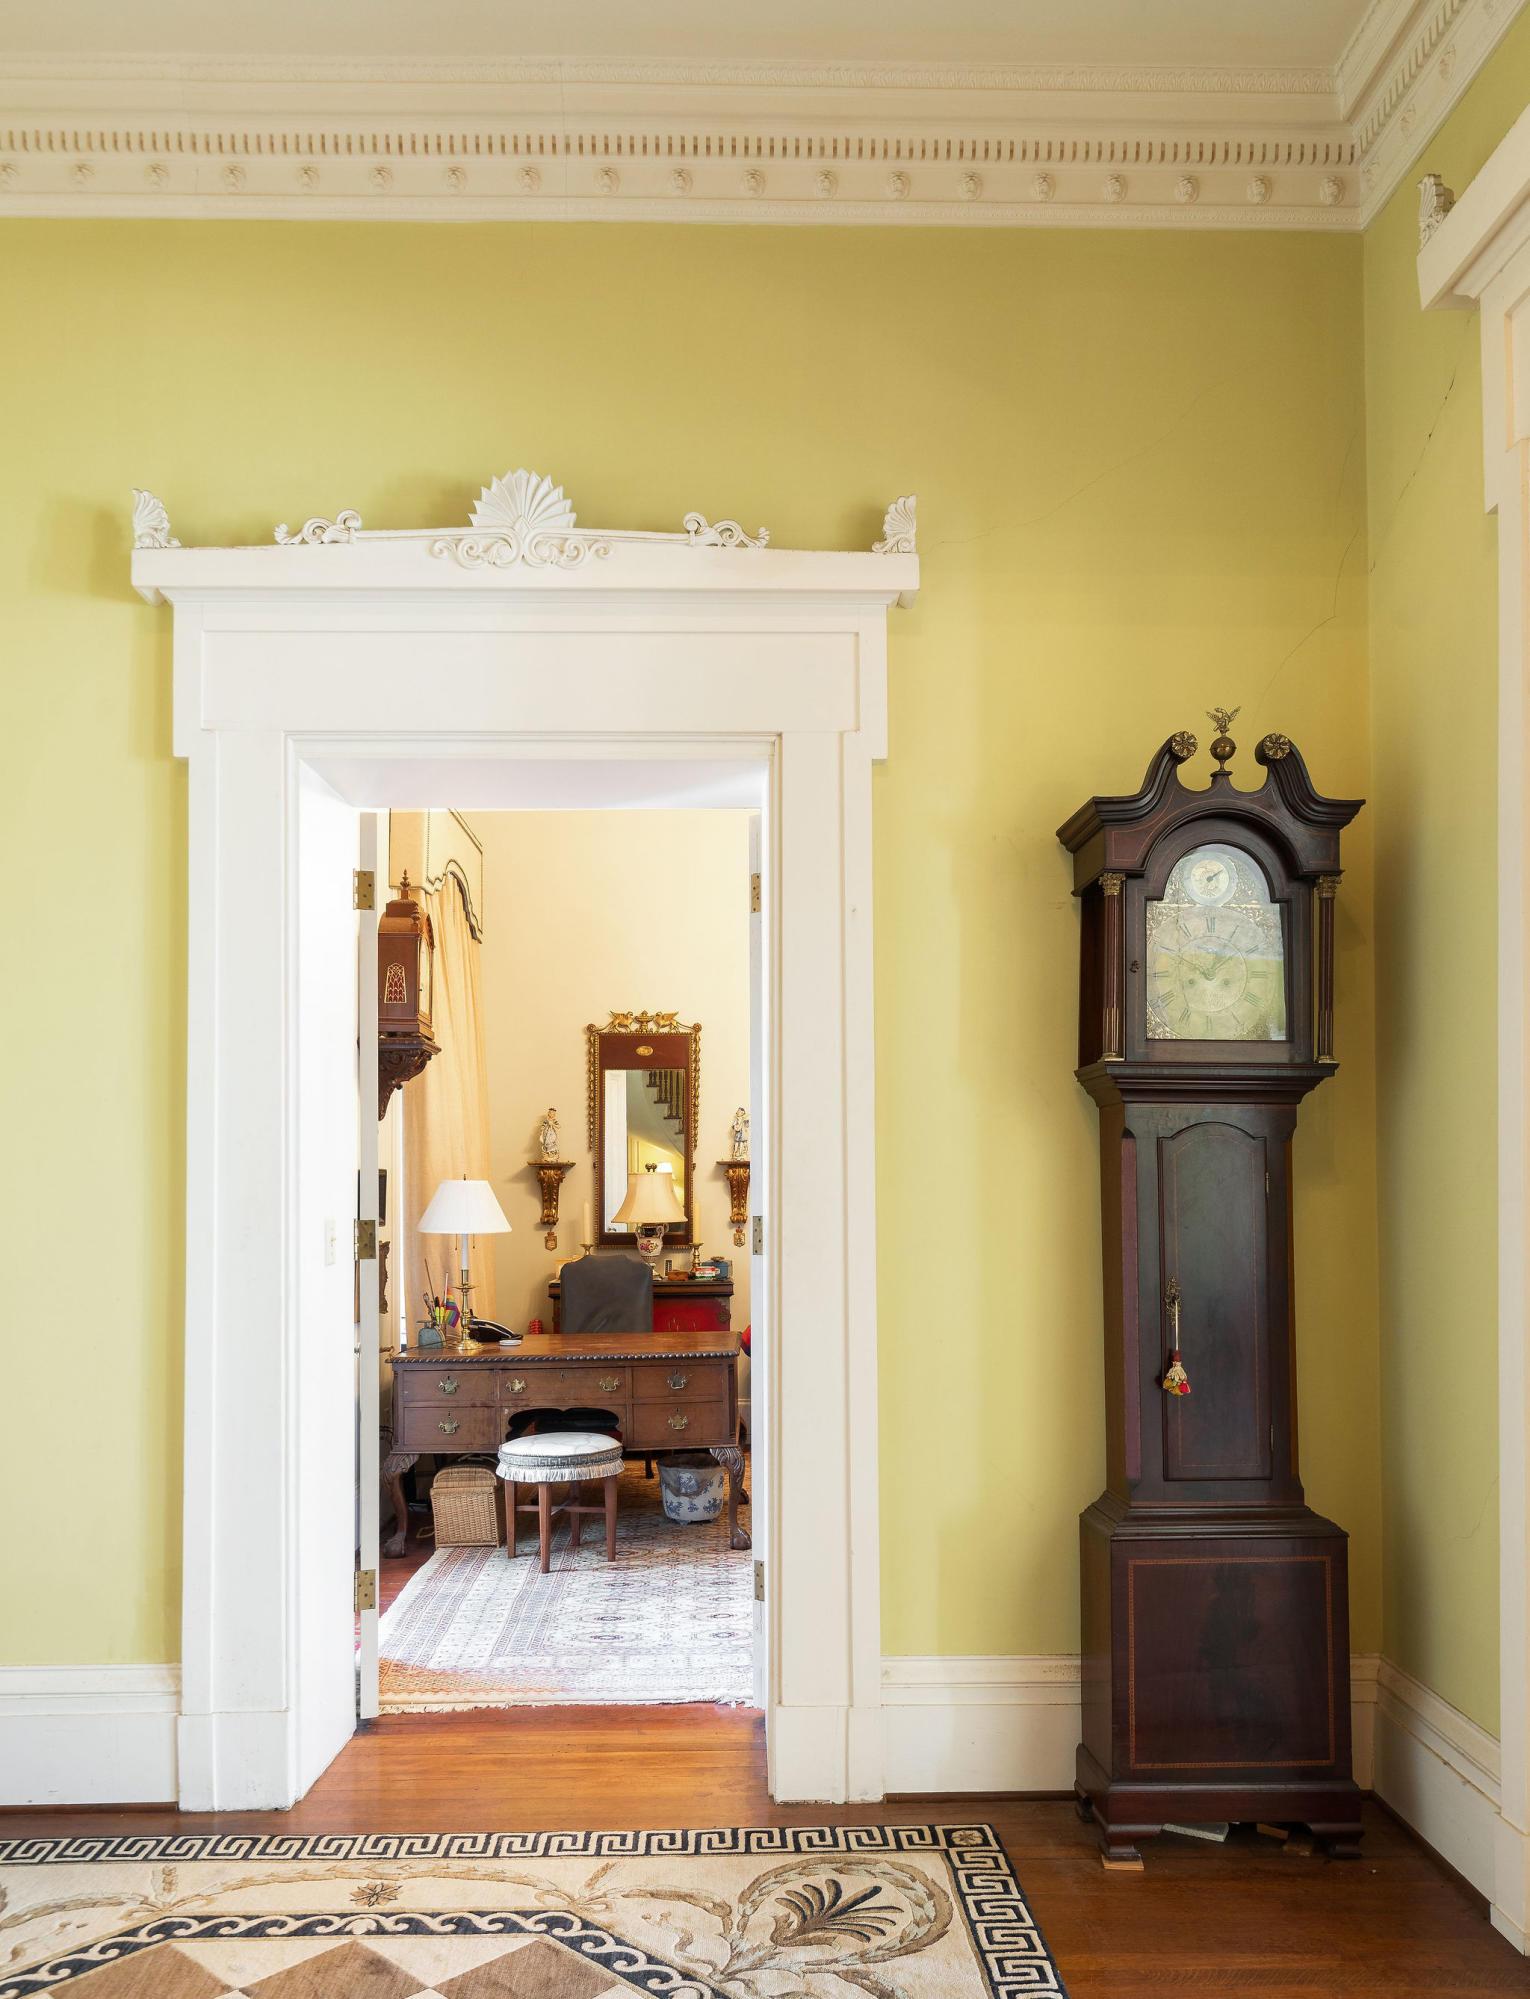 Harleston Village Homes For Sale - 138 & 140 Wentworth, Charleston, SC - 56